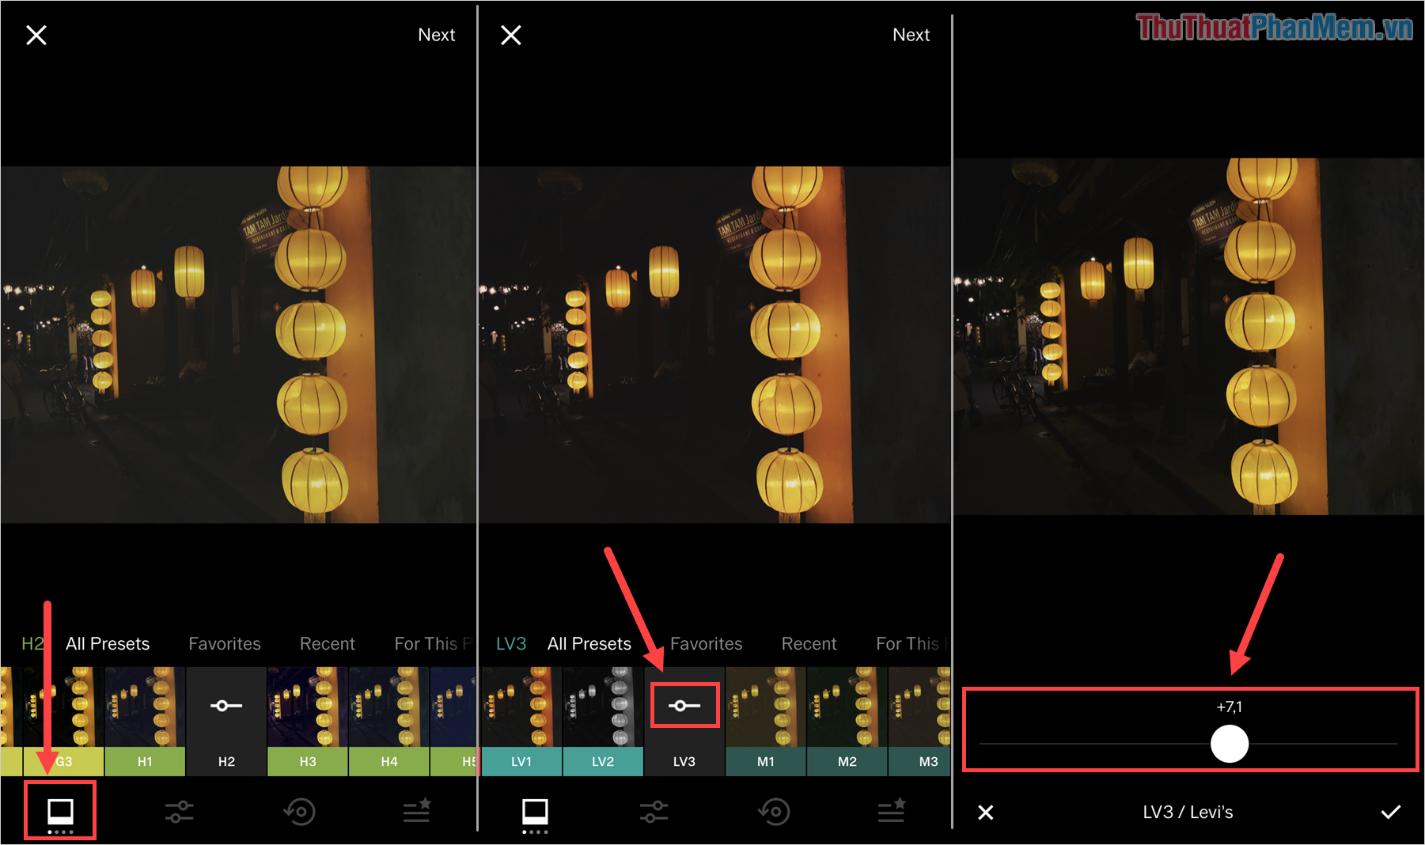 Bạn có thể nhấn vào thanh Opacity trên bộ lọc để thay đổi hiệu ứng đè màu của bộ lọc